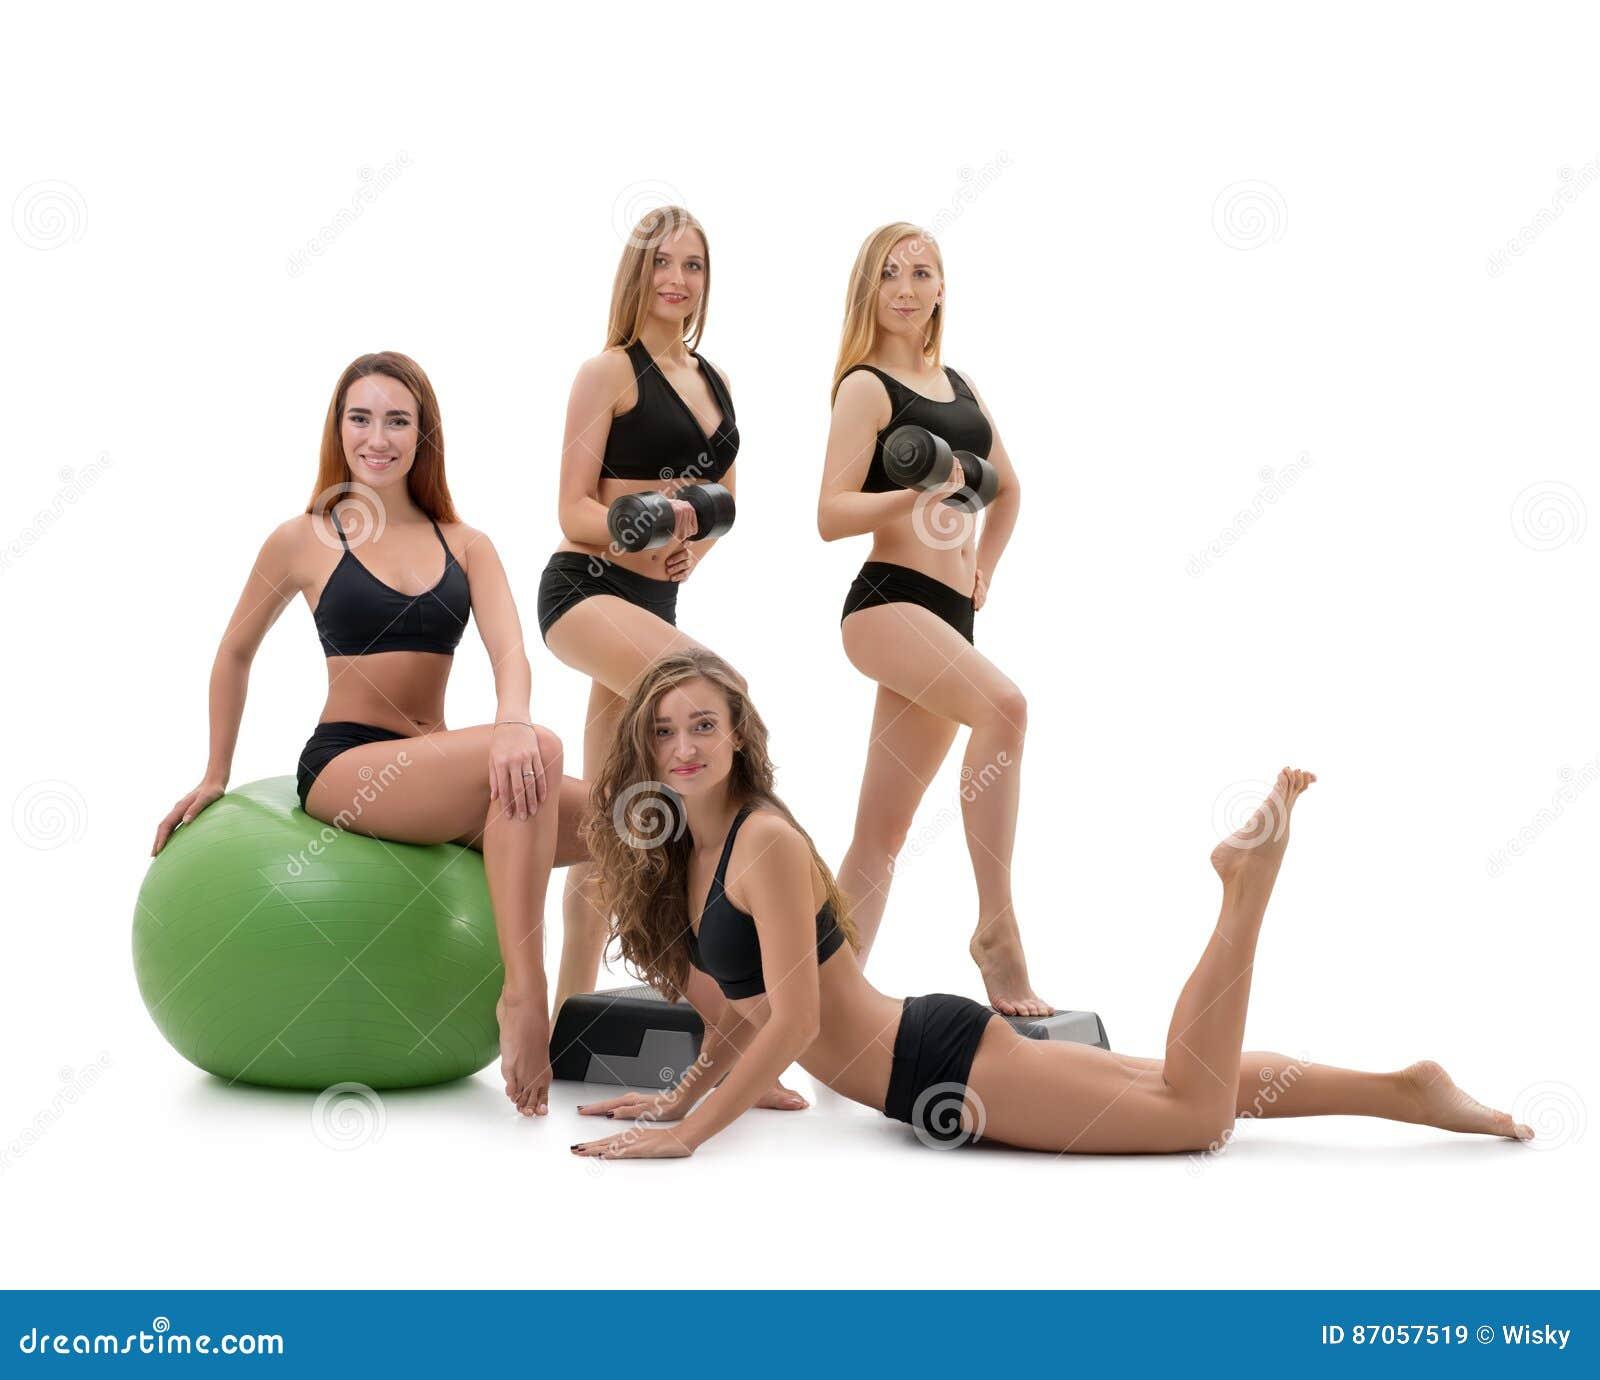 Спортсменки в шортах фото 669-504